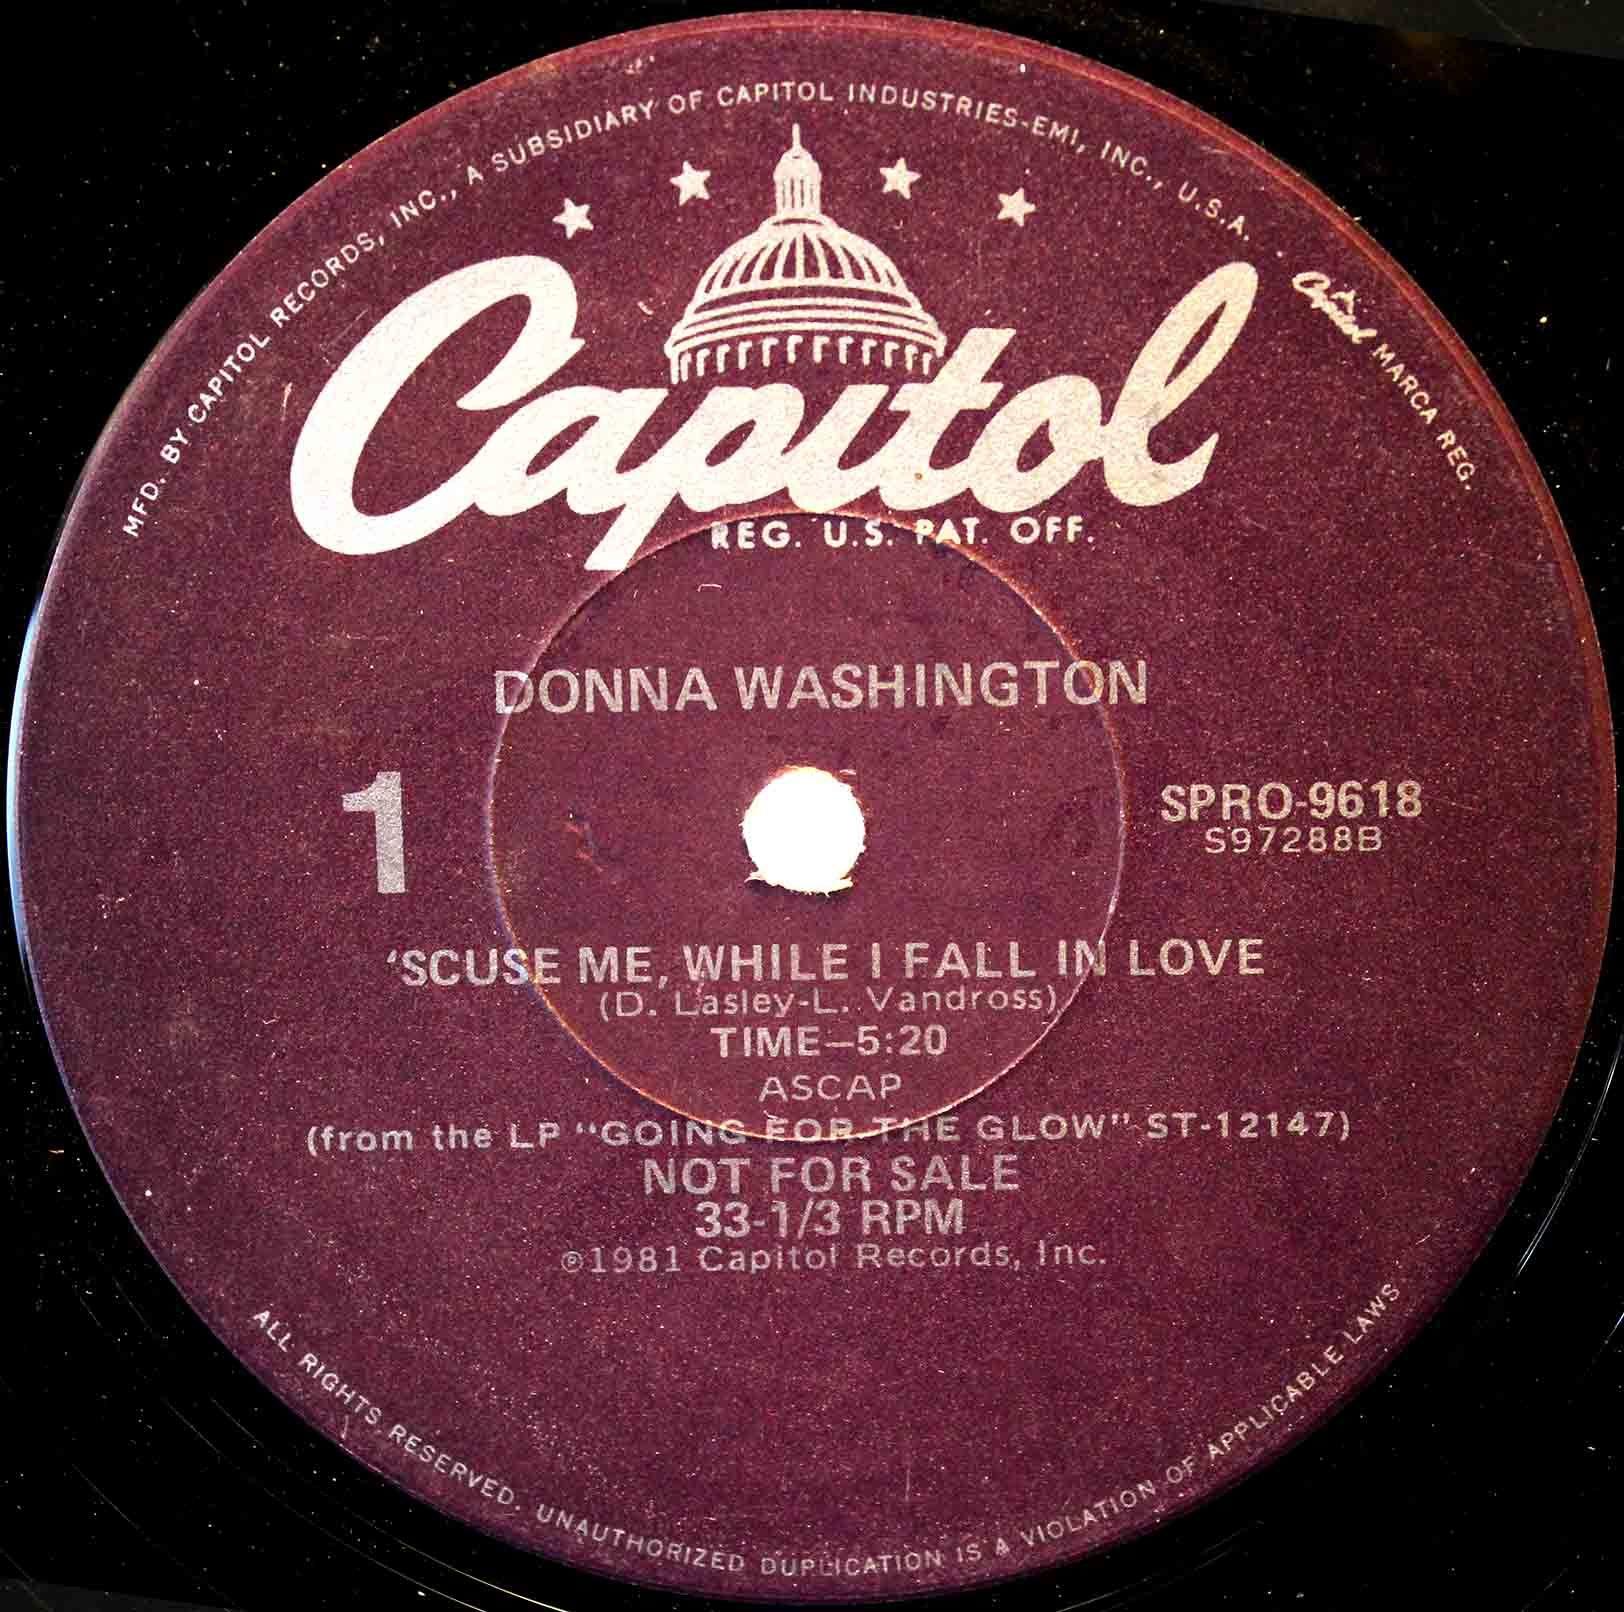 Donna Washington – Scuse Me, While I Fall In Love 03